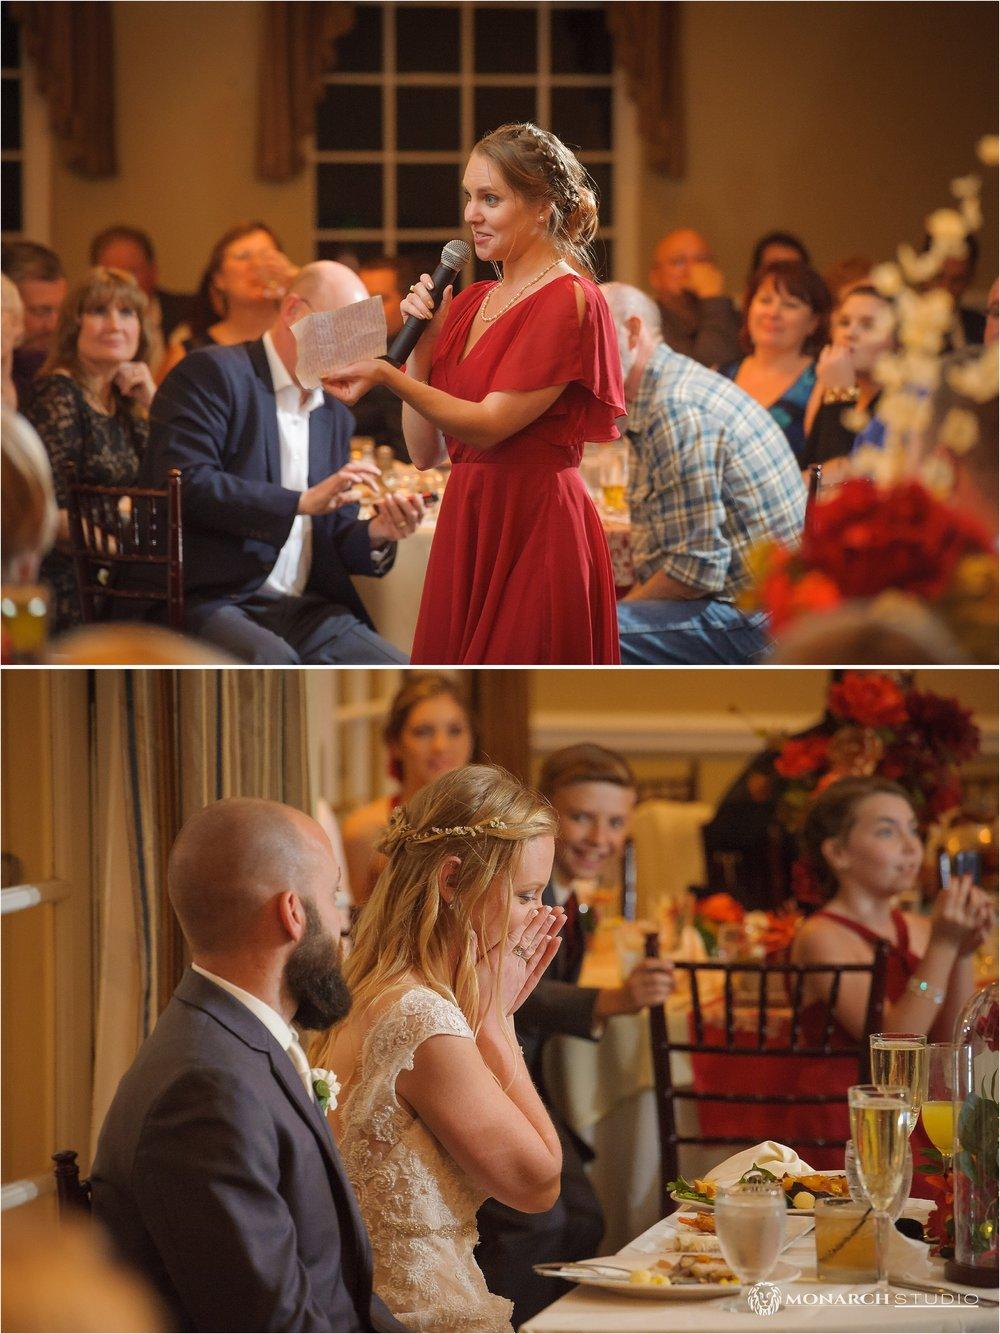 jacksonville-wedding-photographer-queens-harbour-2016-12-15_0070.jpg